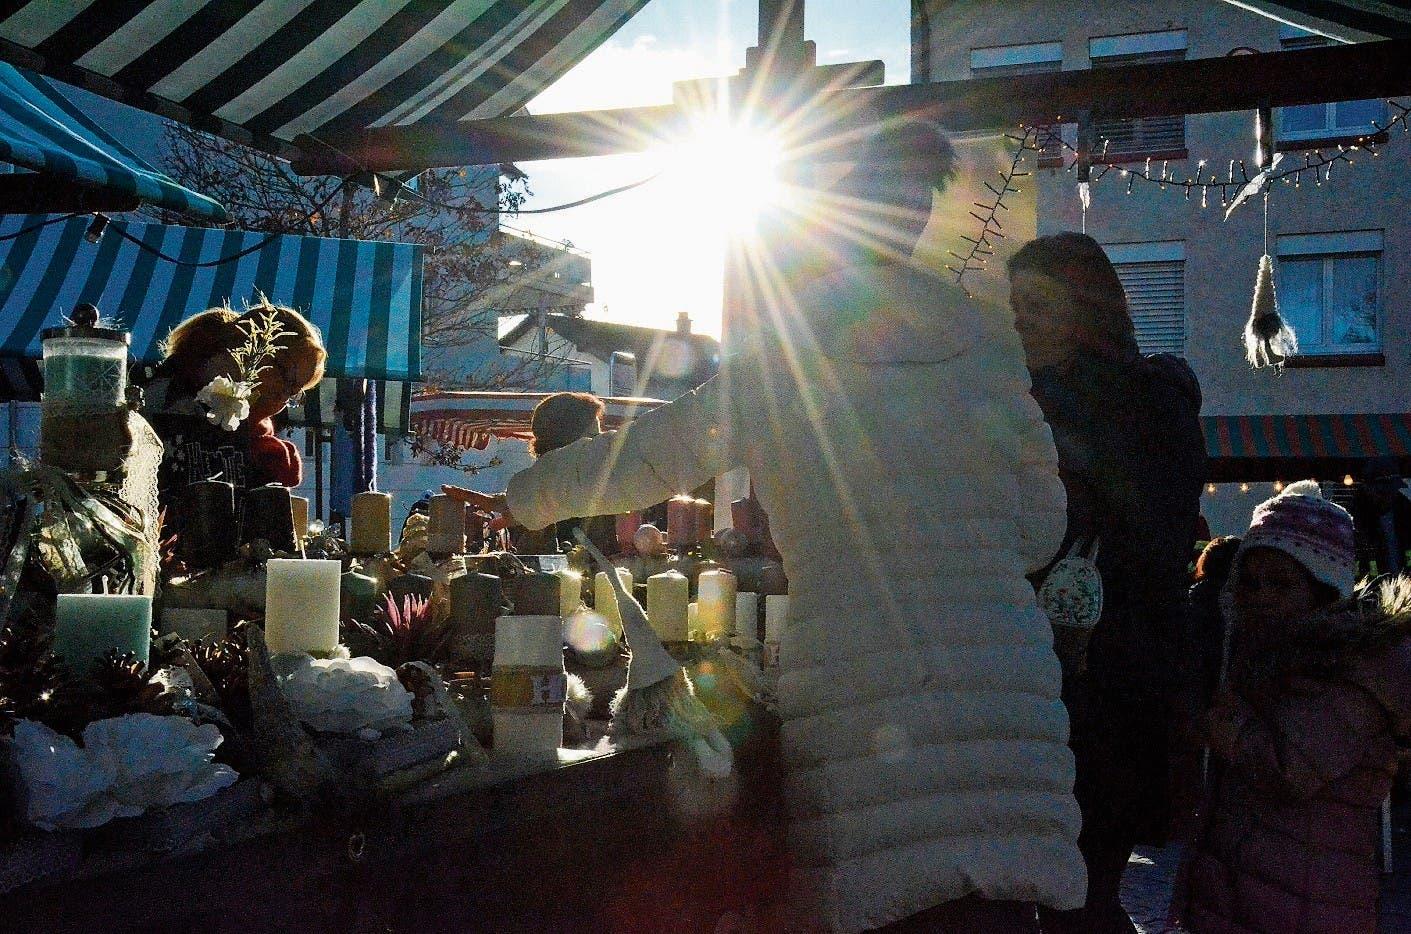 Der Münchwiler Chlausmarkt auf dem Bahnhofplatz strahlt im Sonnenlicht.